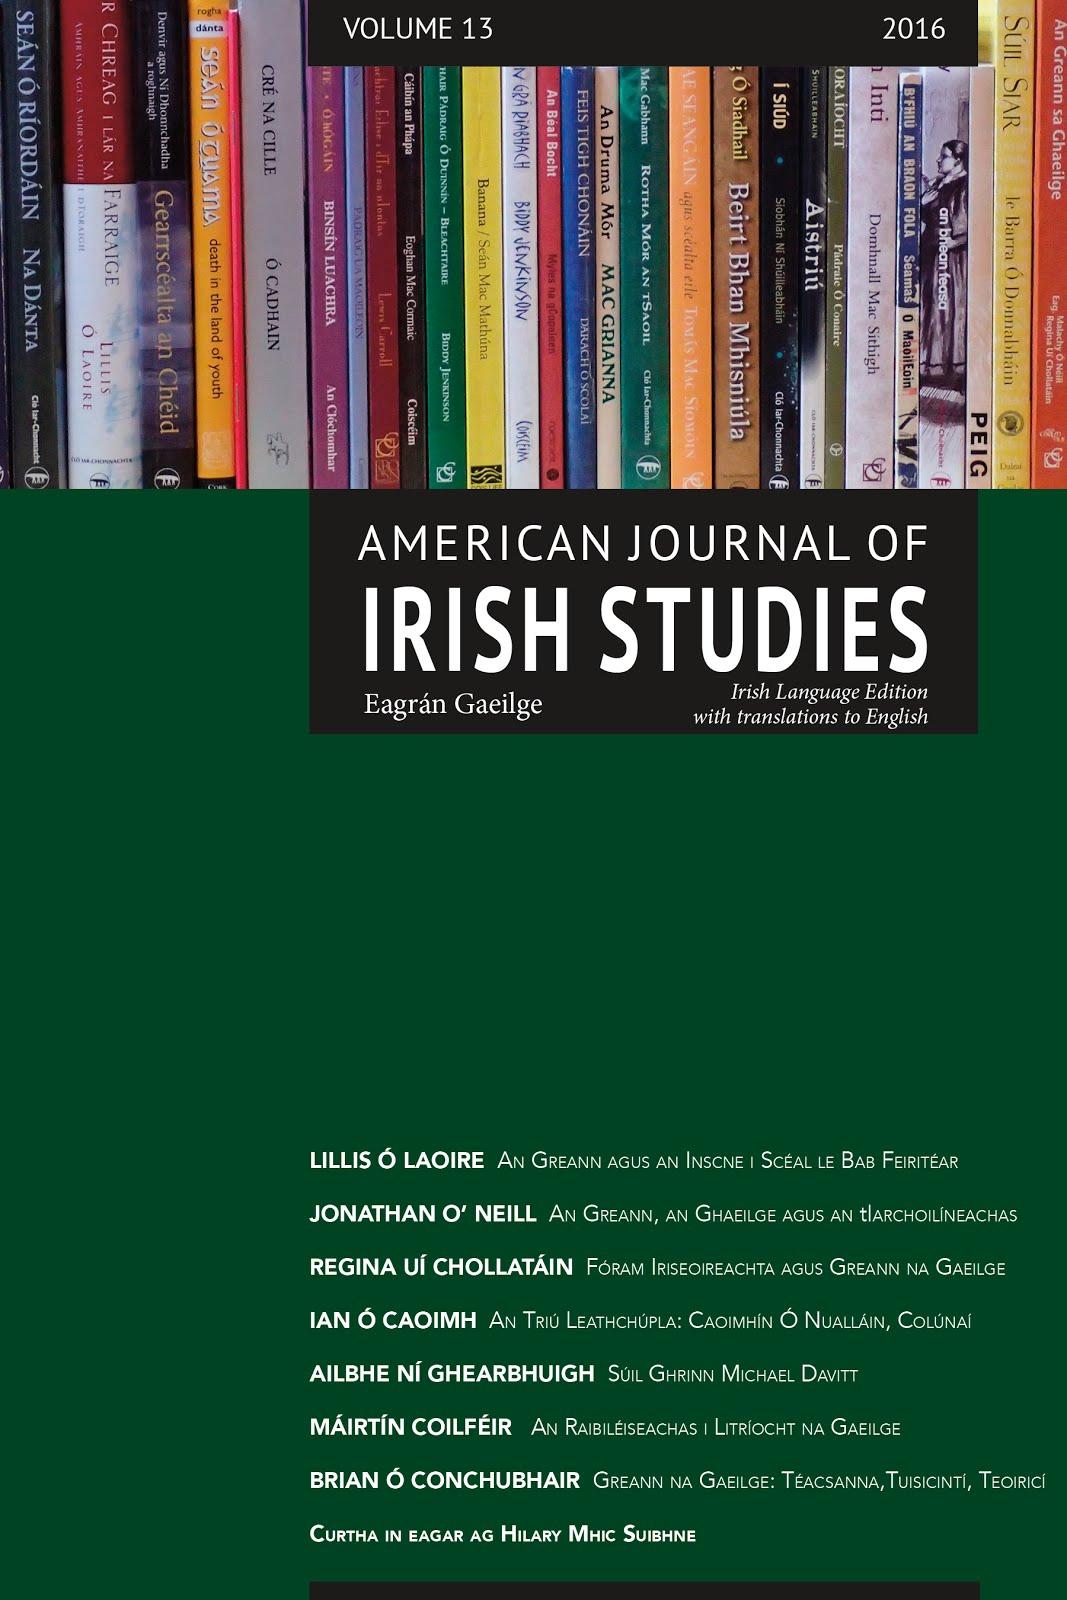 American Journal of Irish Studies. Eagrán Gaeilge